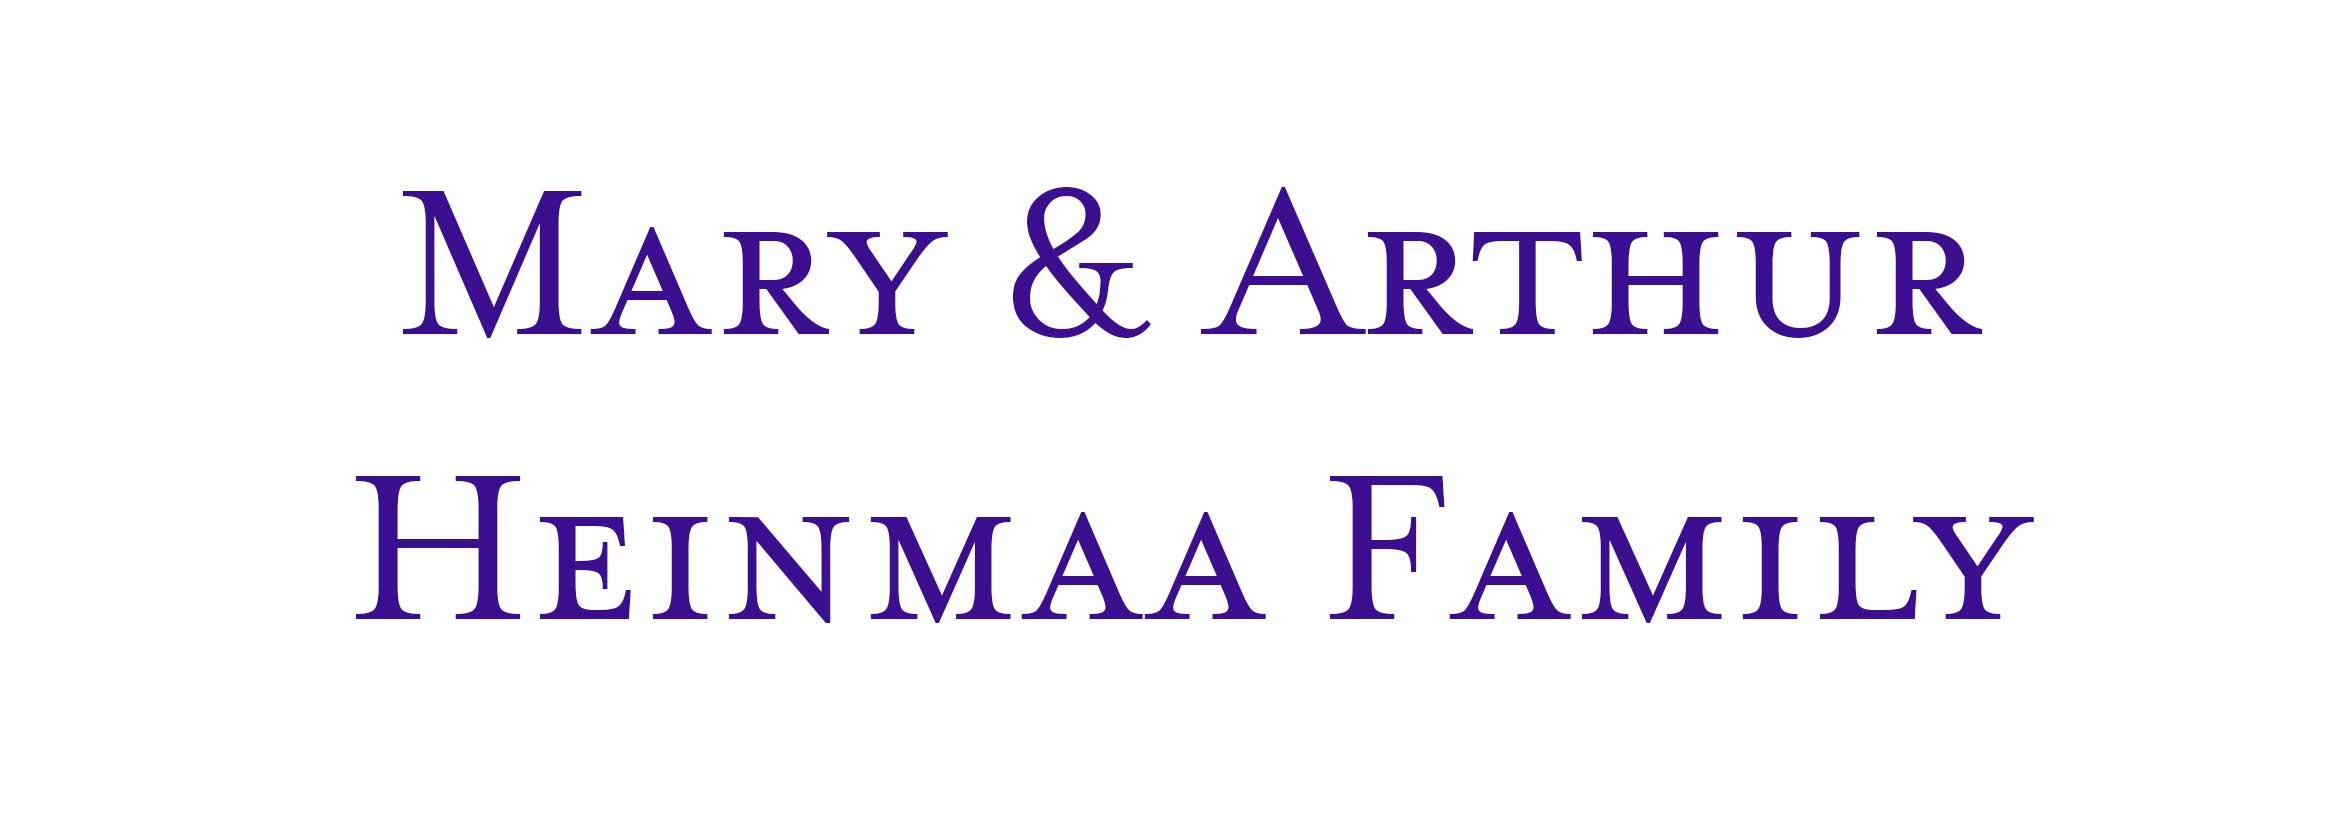 Mary & Arthur Heinmaa Family